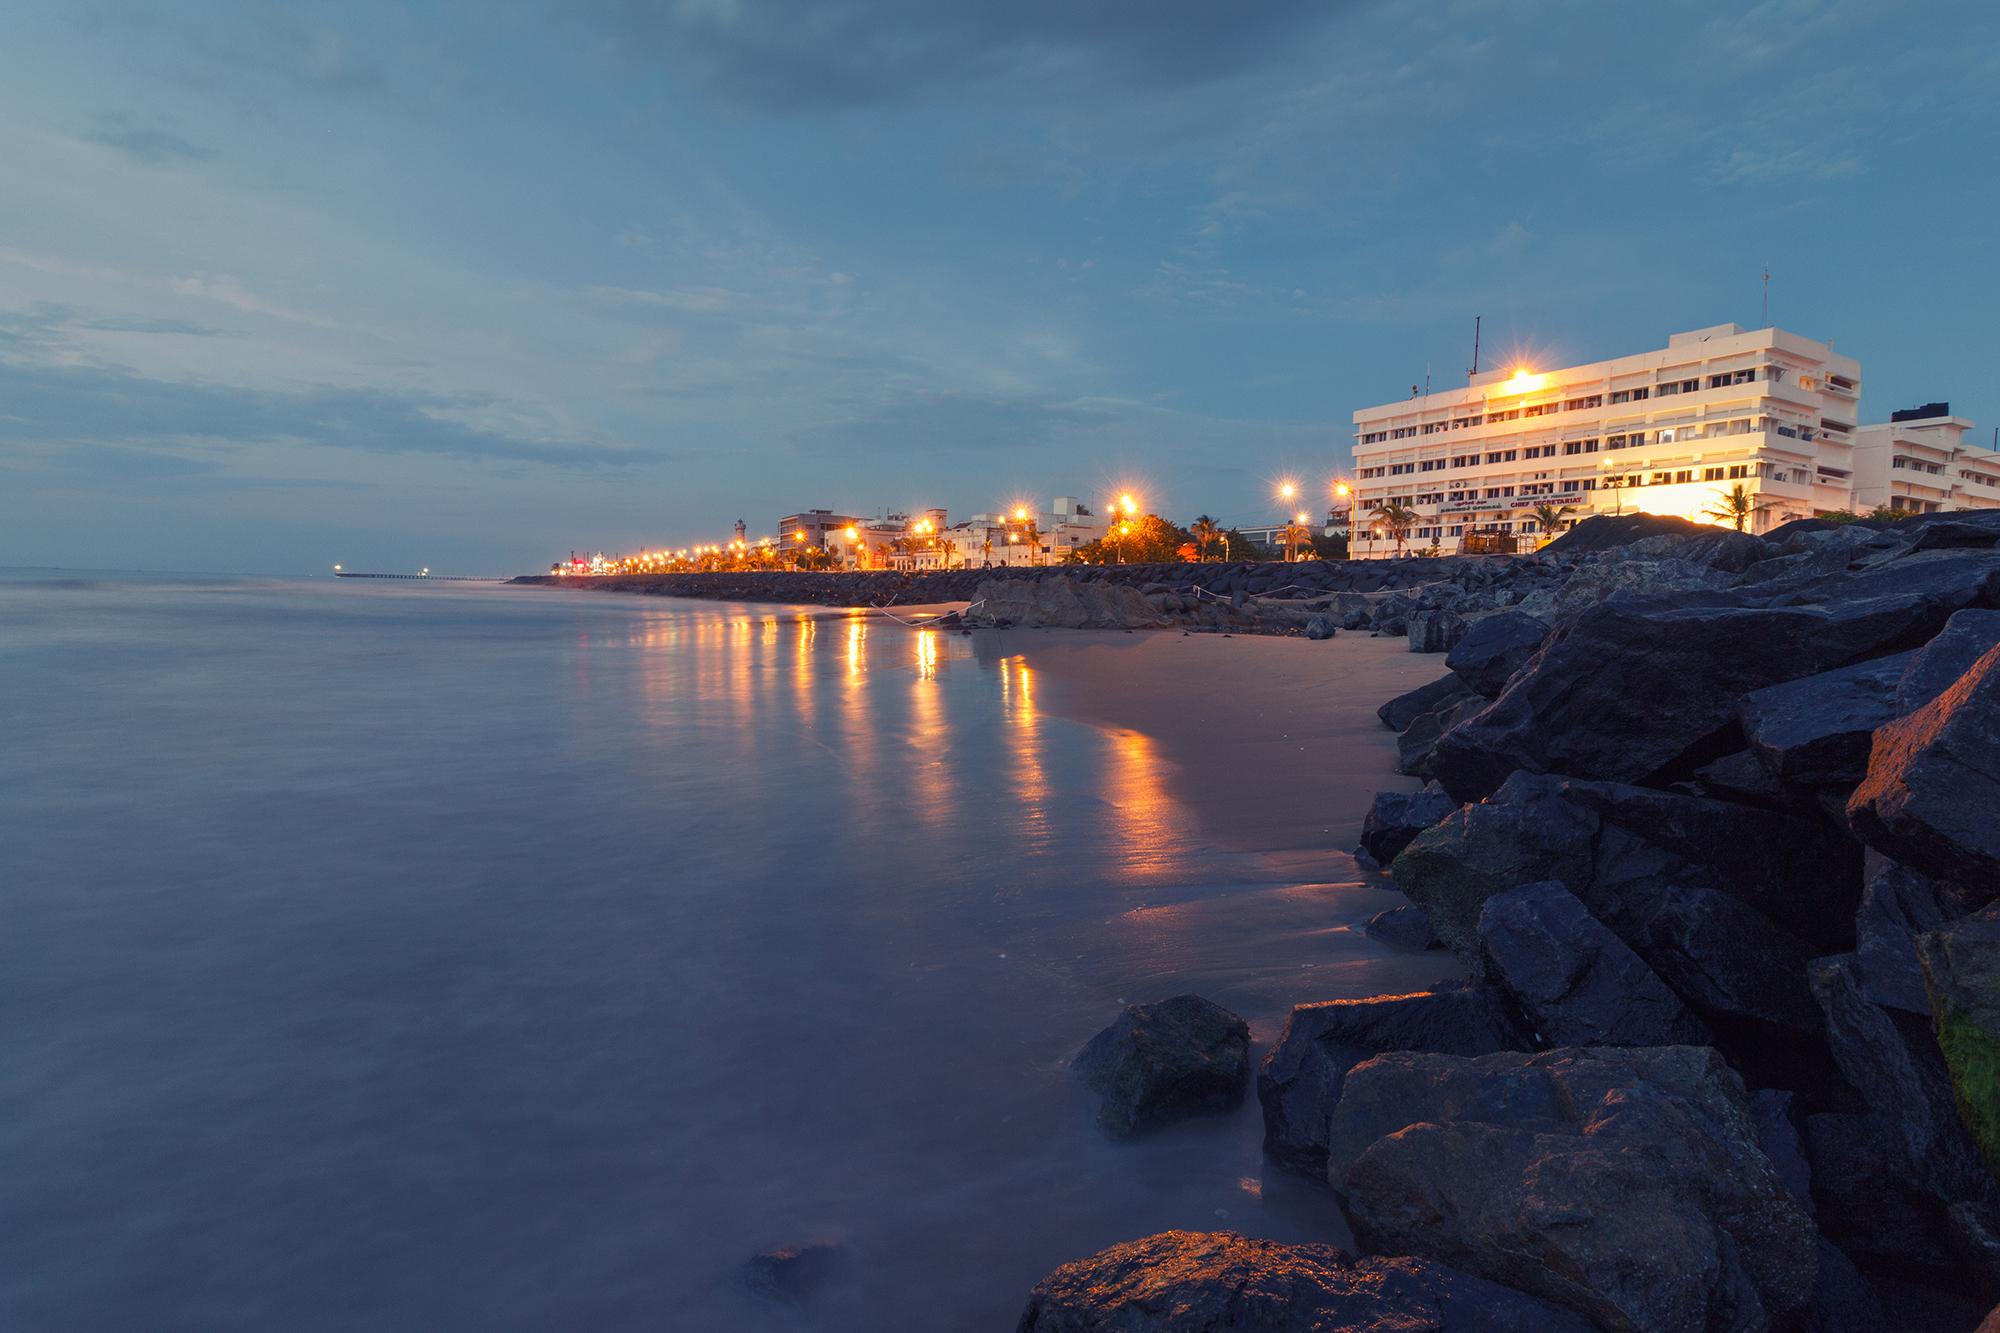 pondicherry beach promenade beach at night